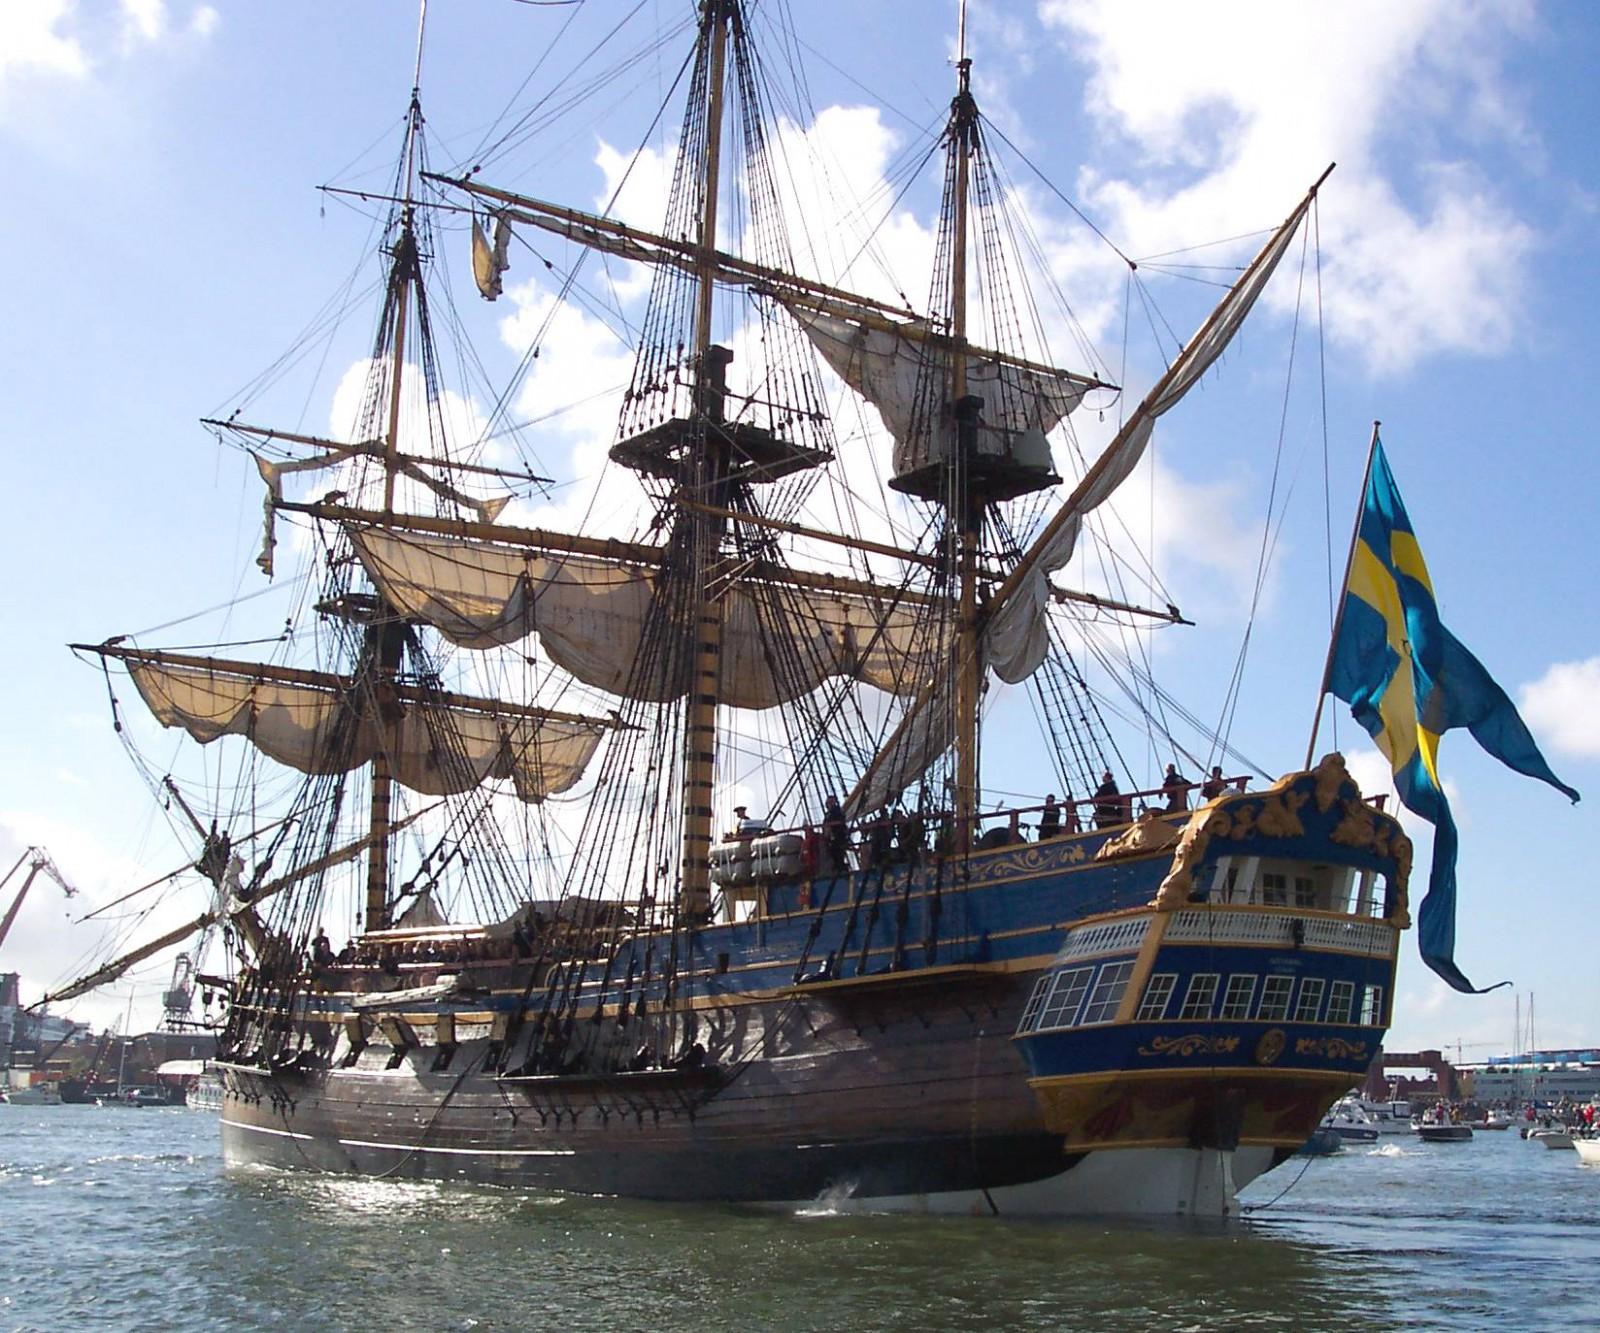 Randevú kereskedelmi tengeri